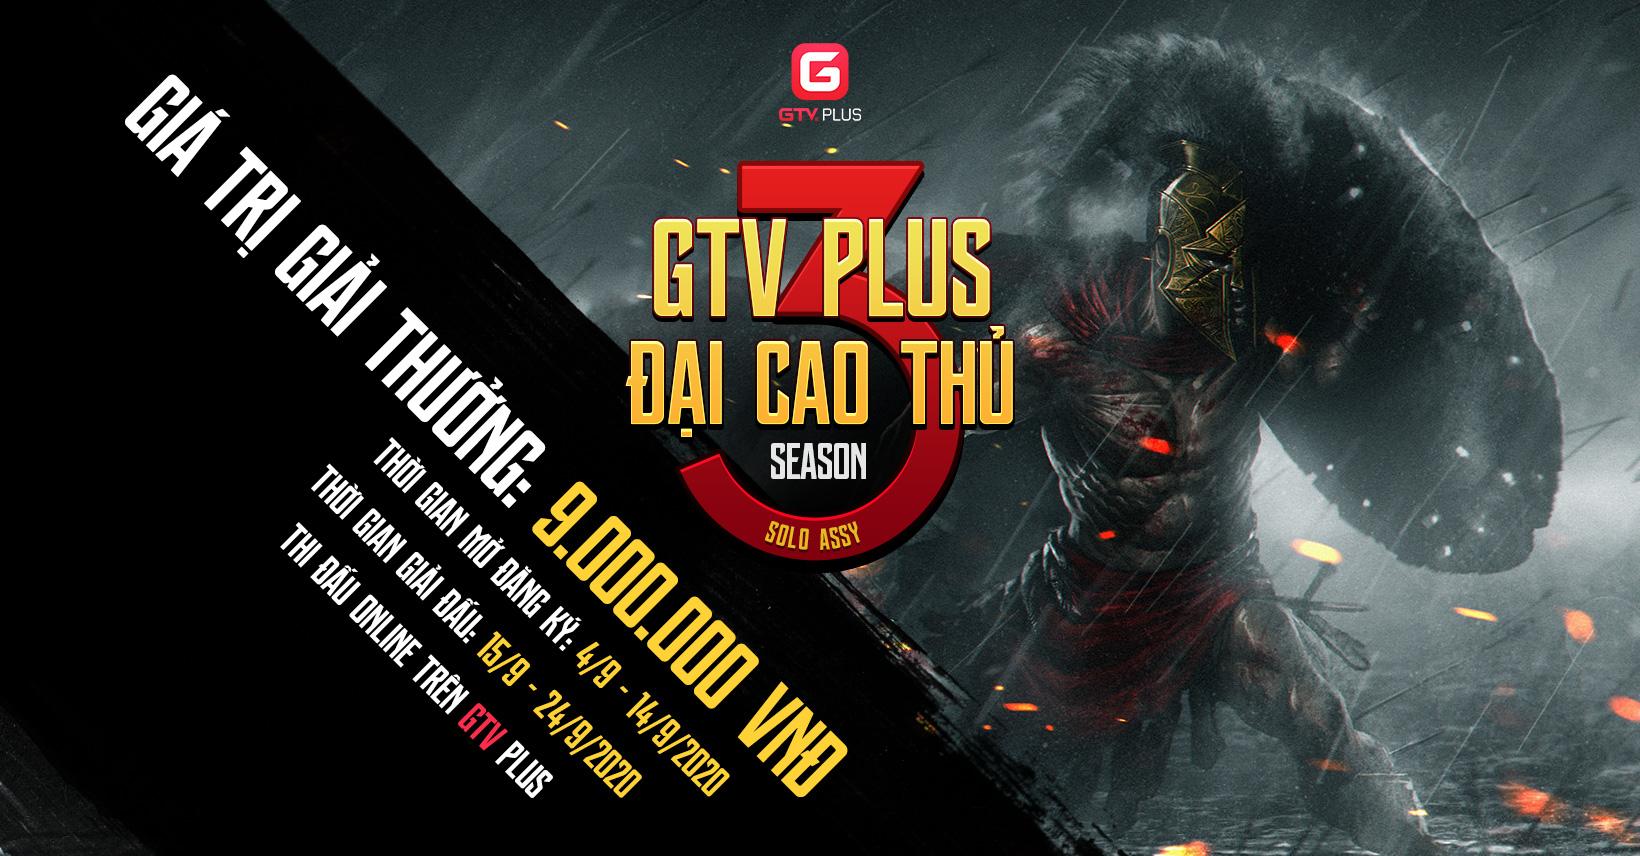 ĐẠI CAO THỦ GTV PLUS MÙA 3